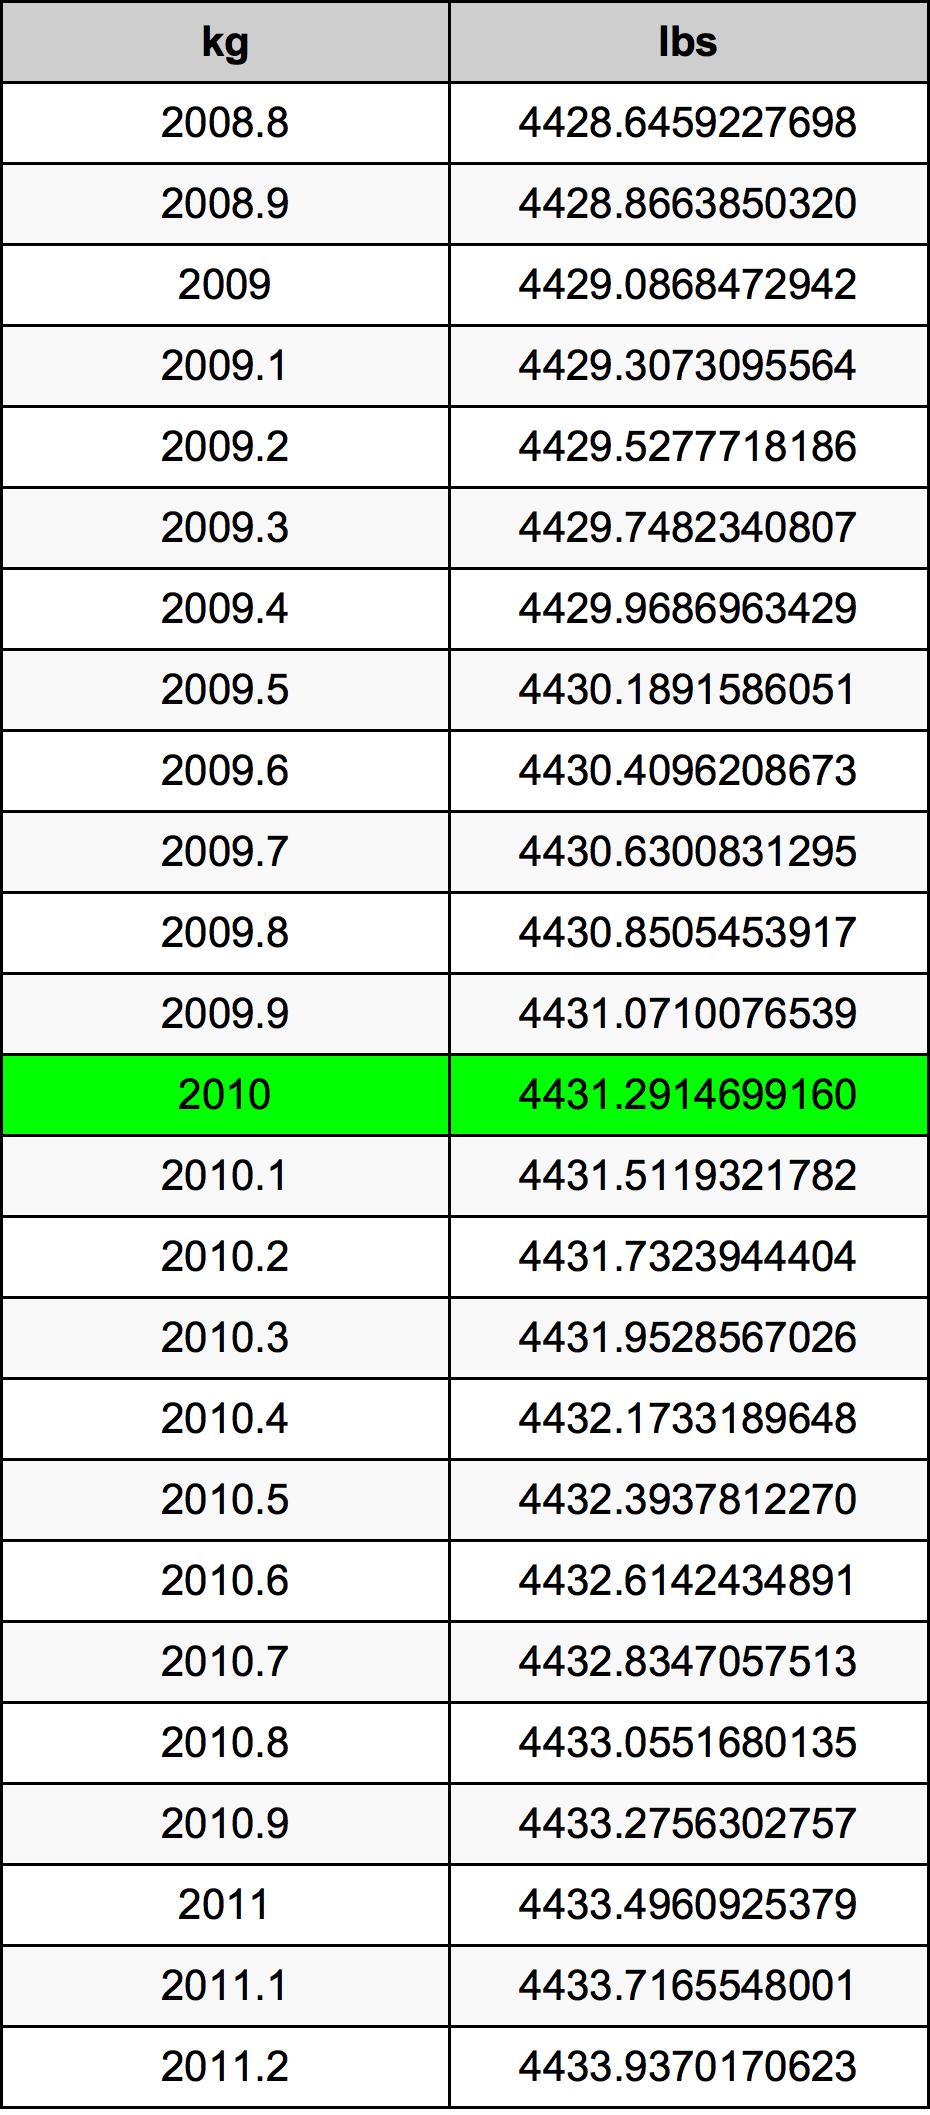 2010 Kilogramme table de conversion